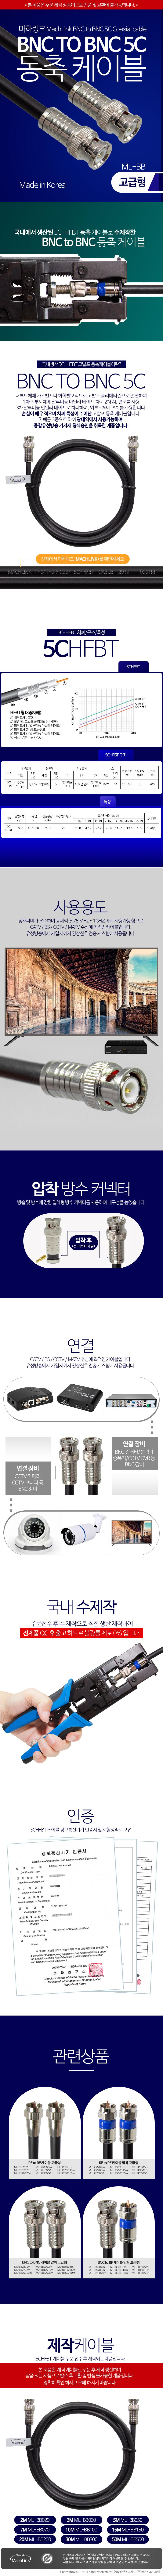 마하링크  BNC to BNC 5C 동축 케이블 (ML-BB)(7m)